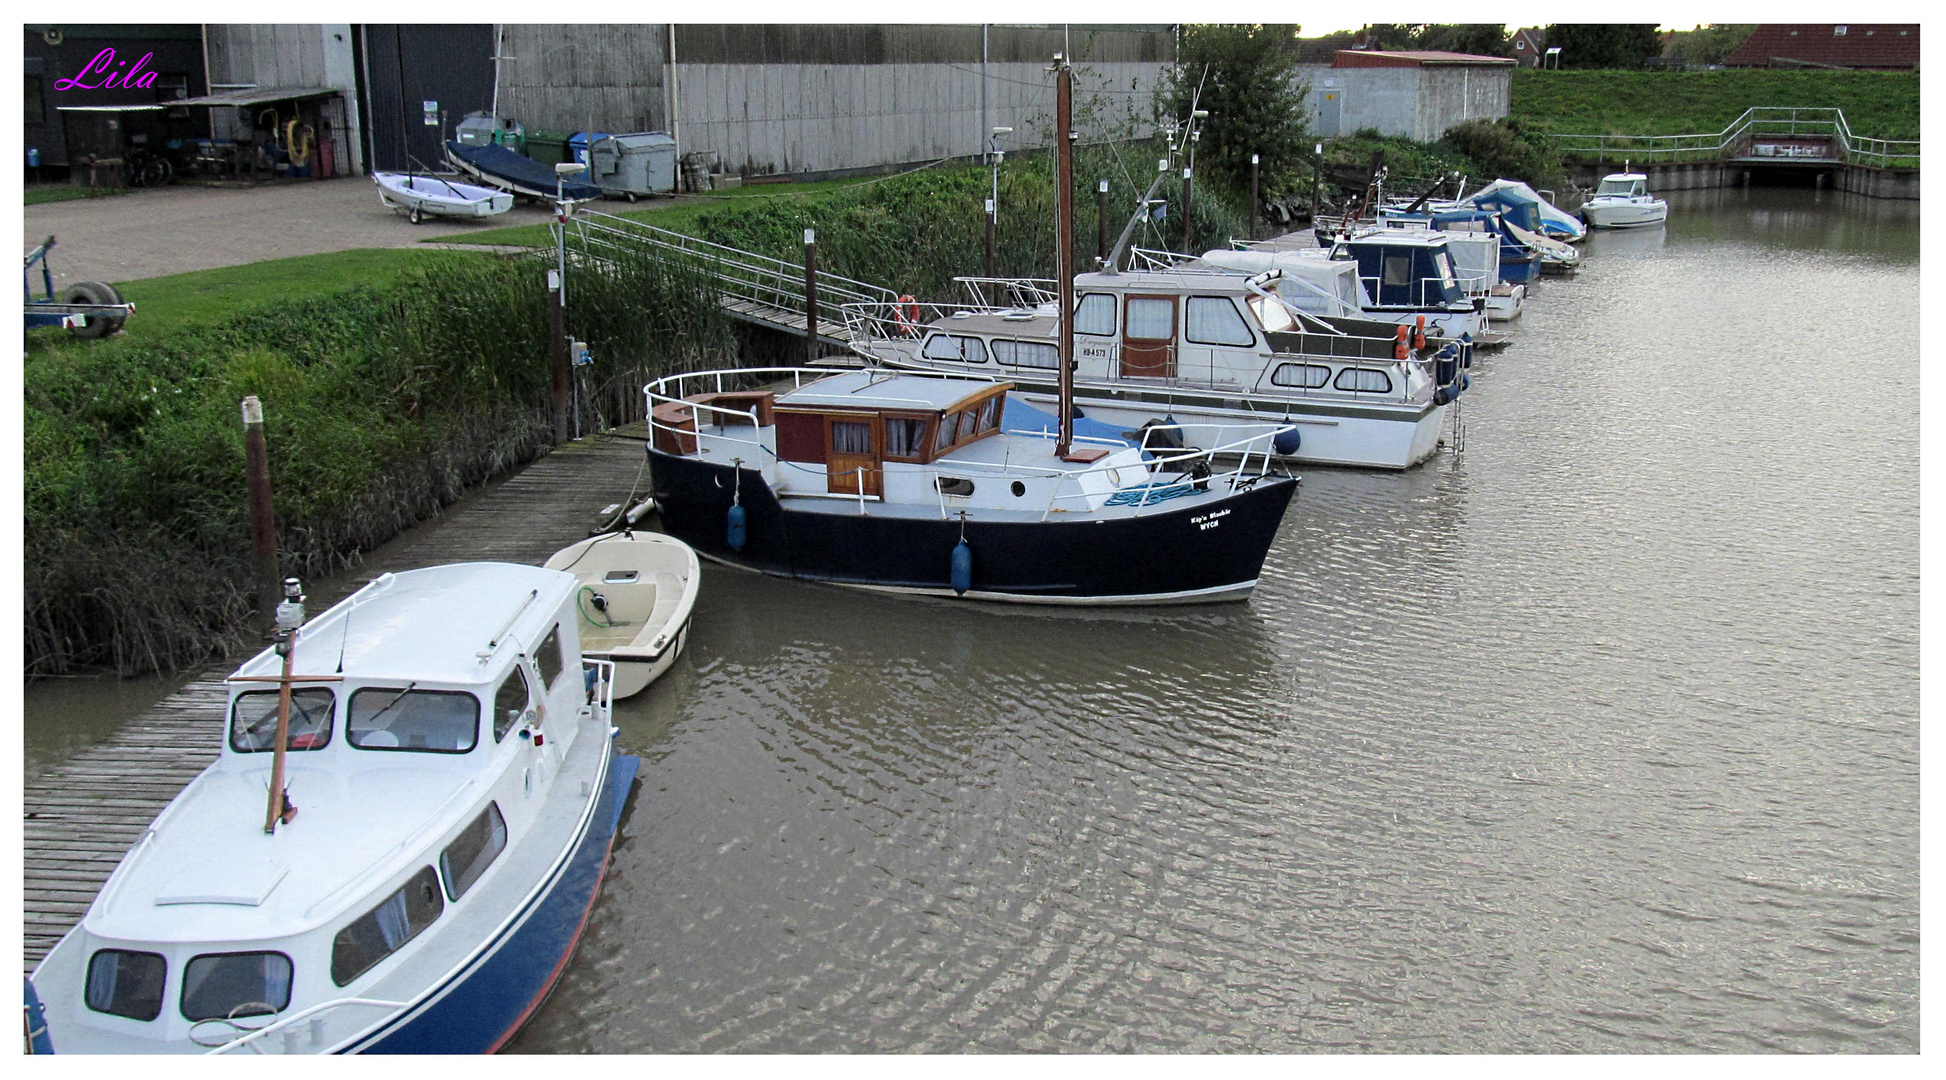 Yachthafen Wischhafen